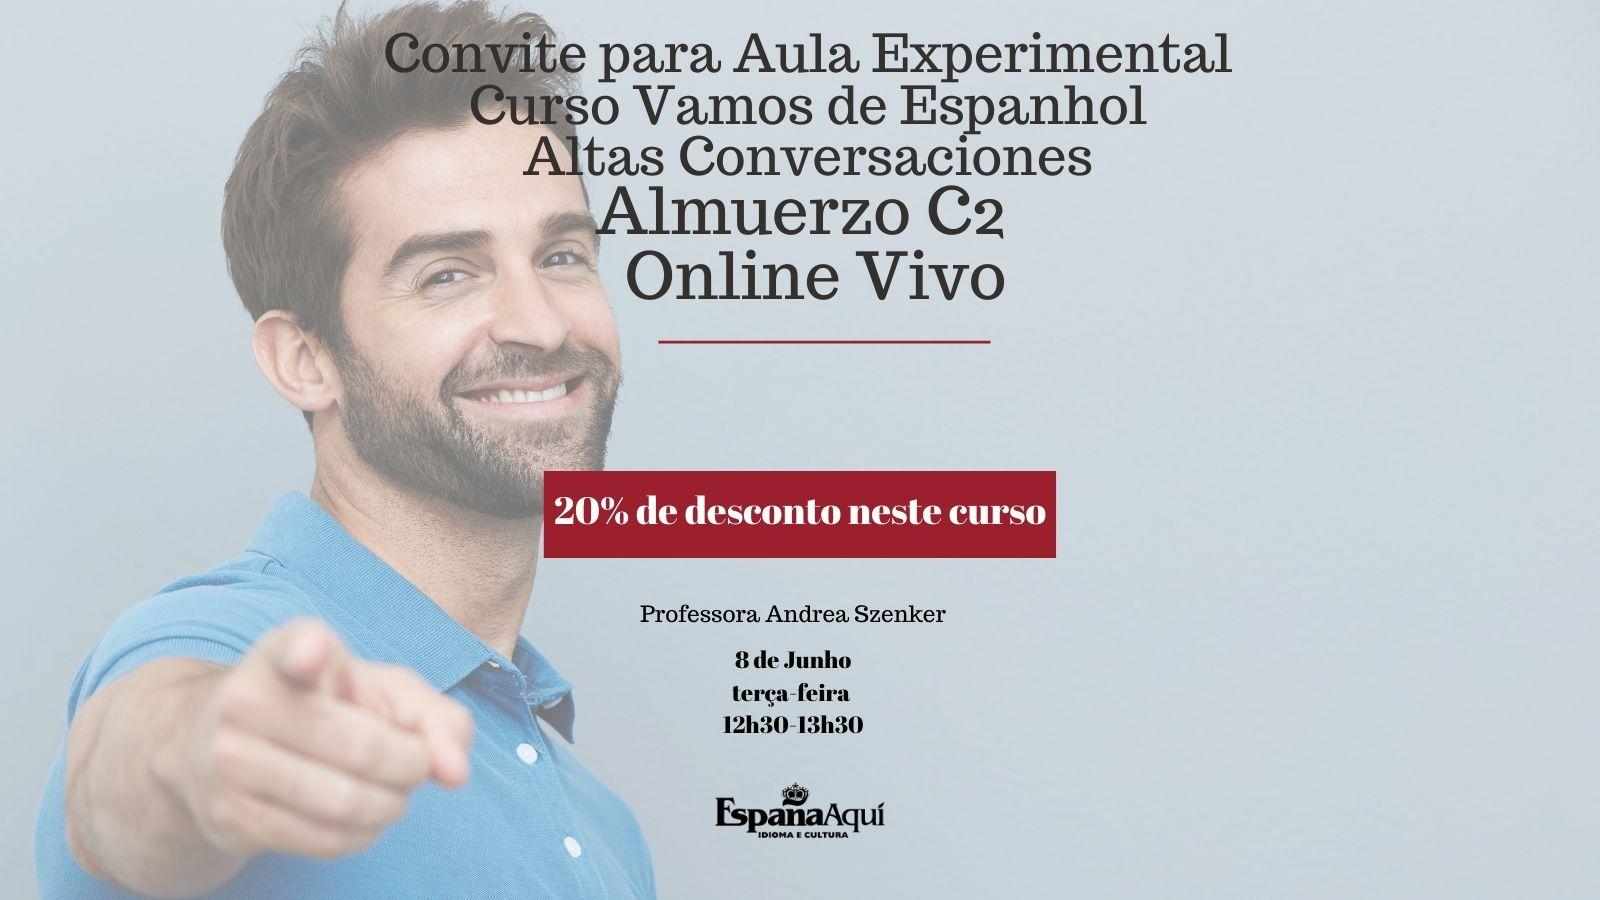 http://www.espanaaqui.com.br/pdf/Junho%202021/priorit%c3%a1rio%20c2%208%20de%20junho.jpg